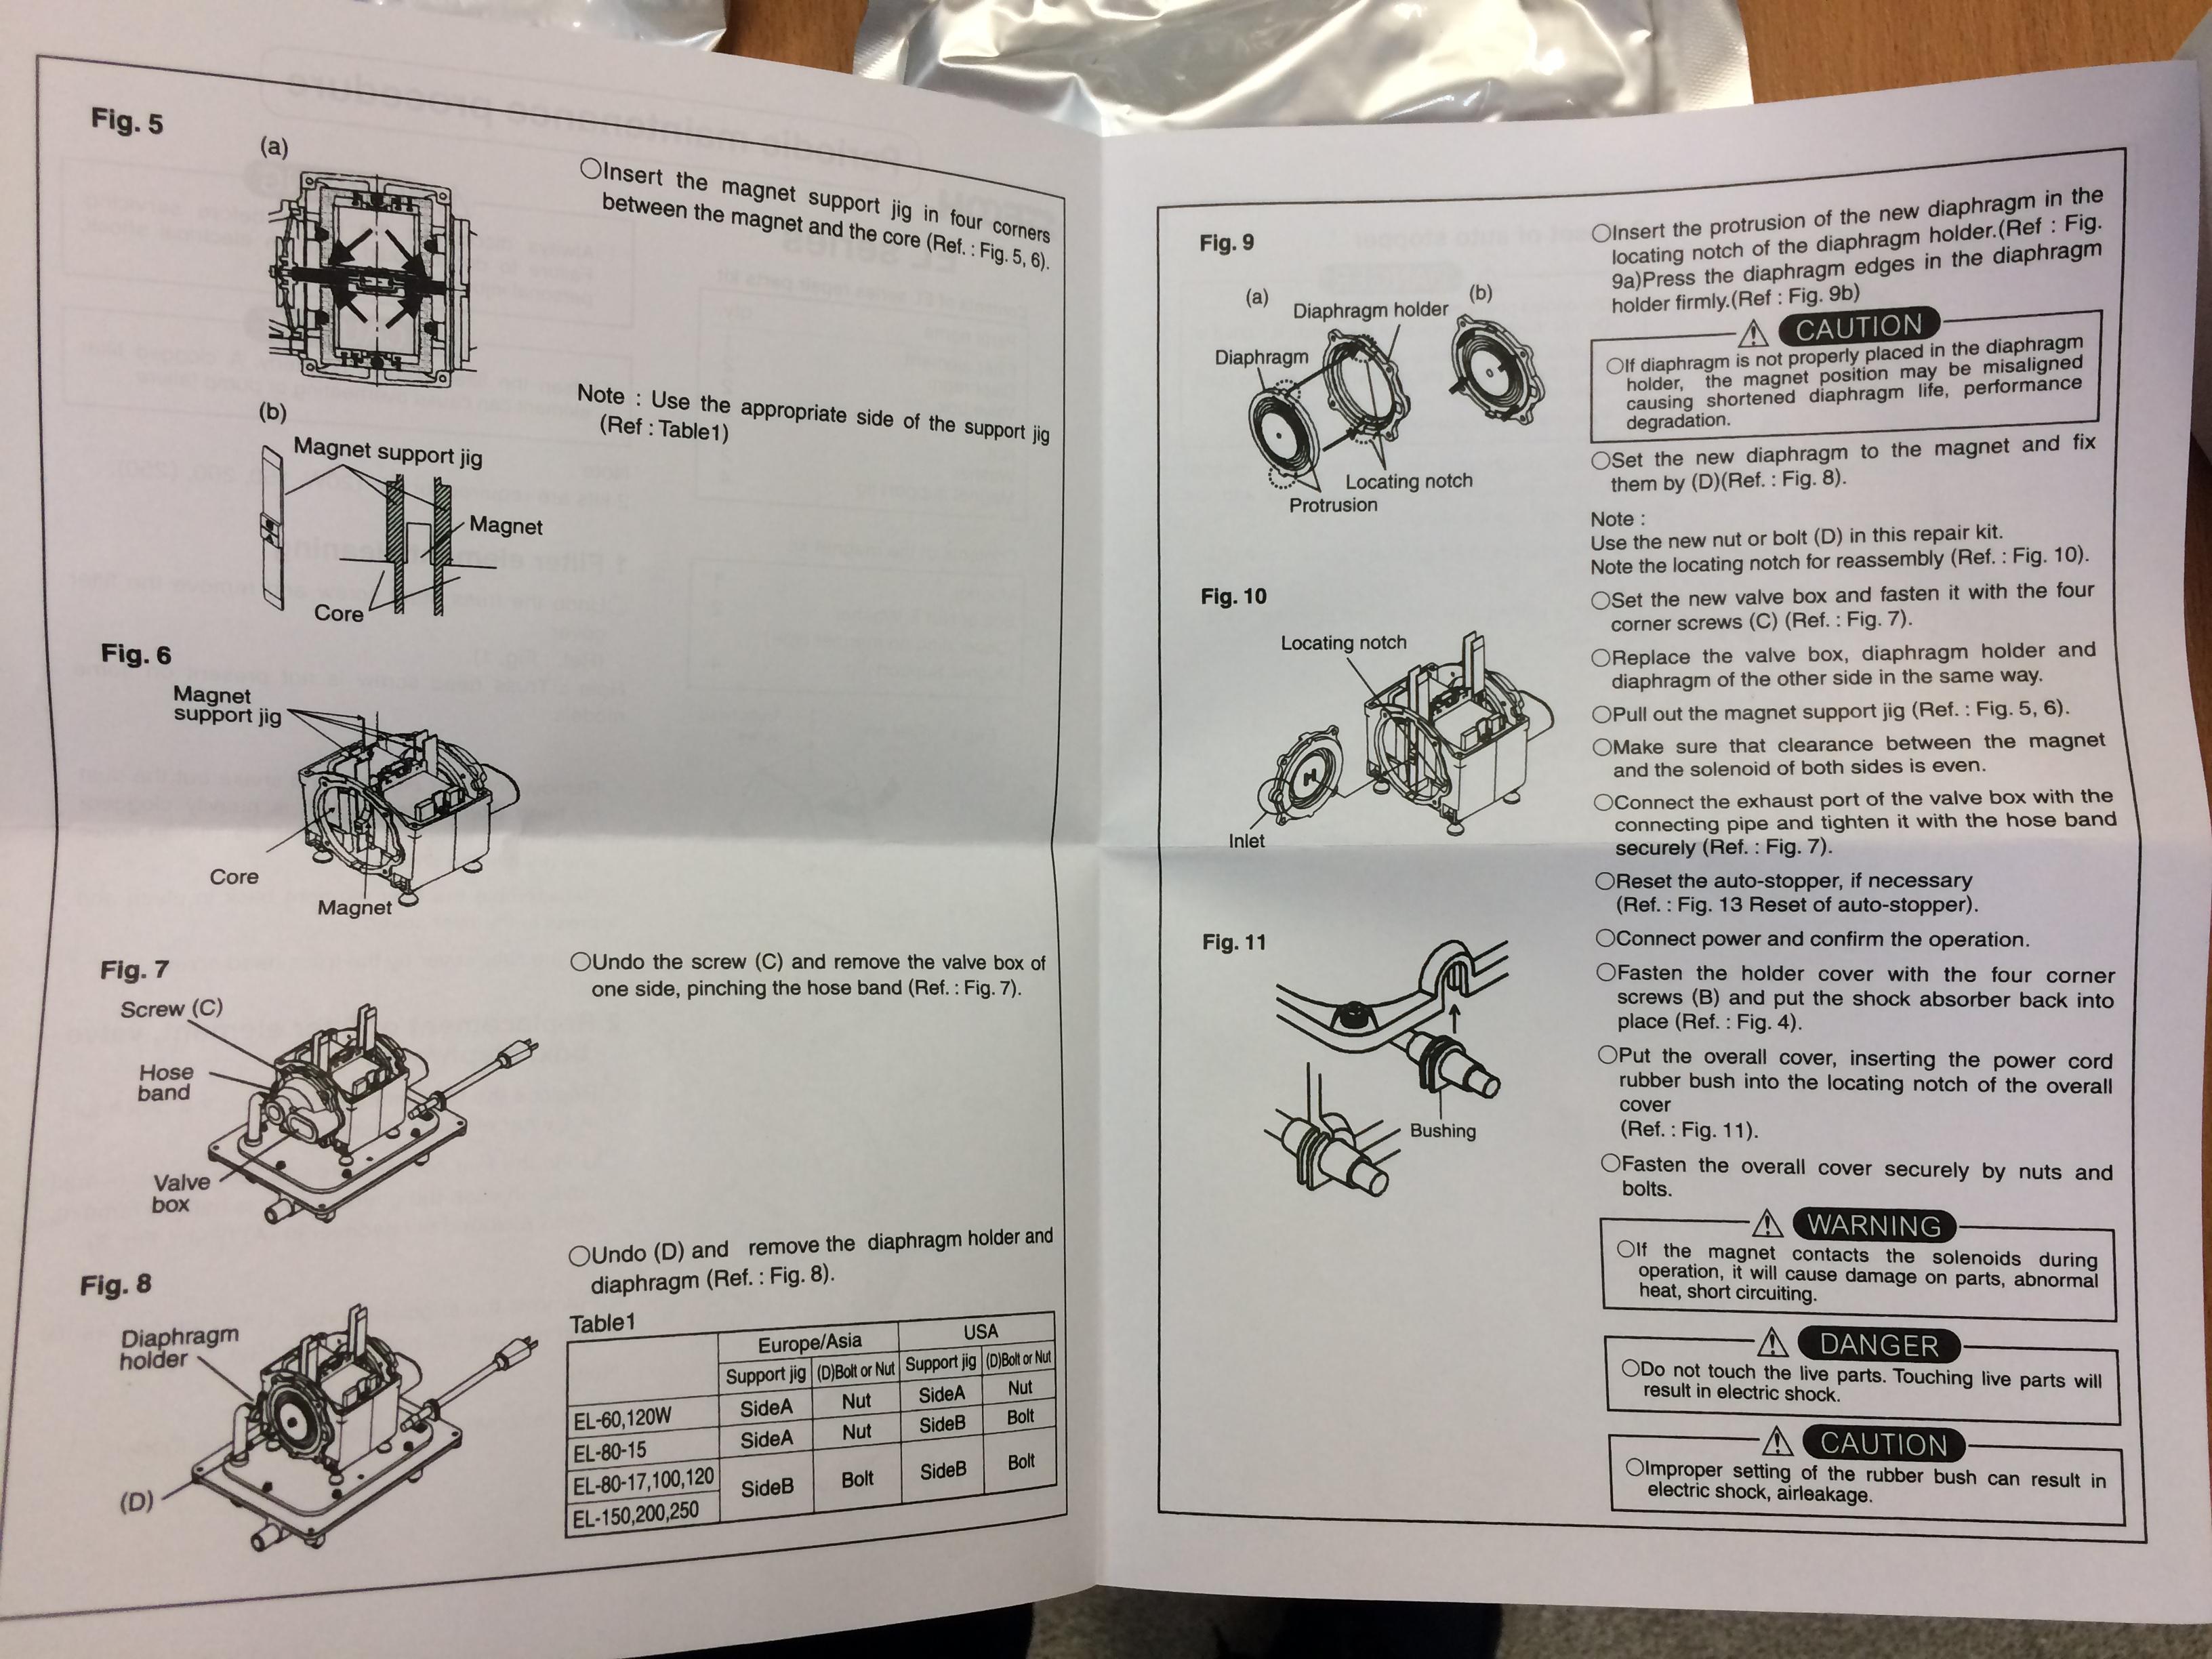 Инстуркция для компресИнструкция для компрессора SECOHсора SECOH